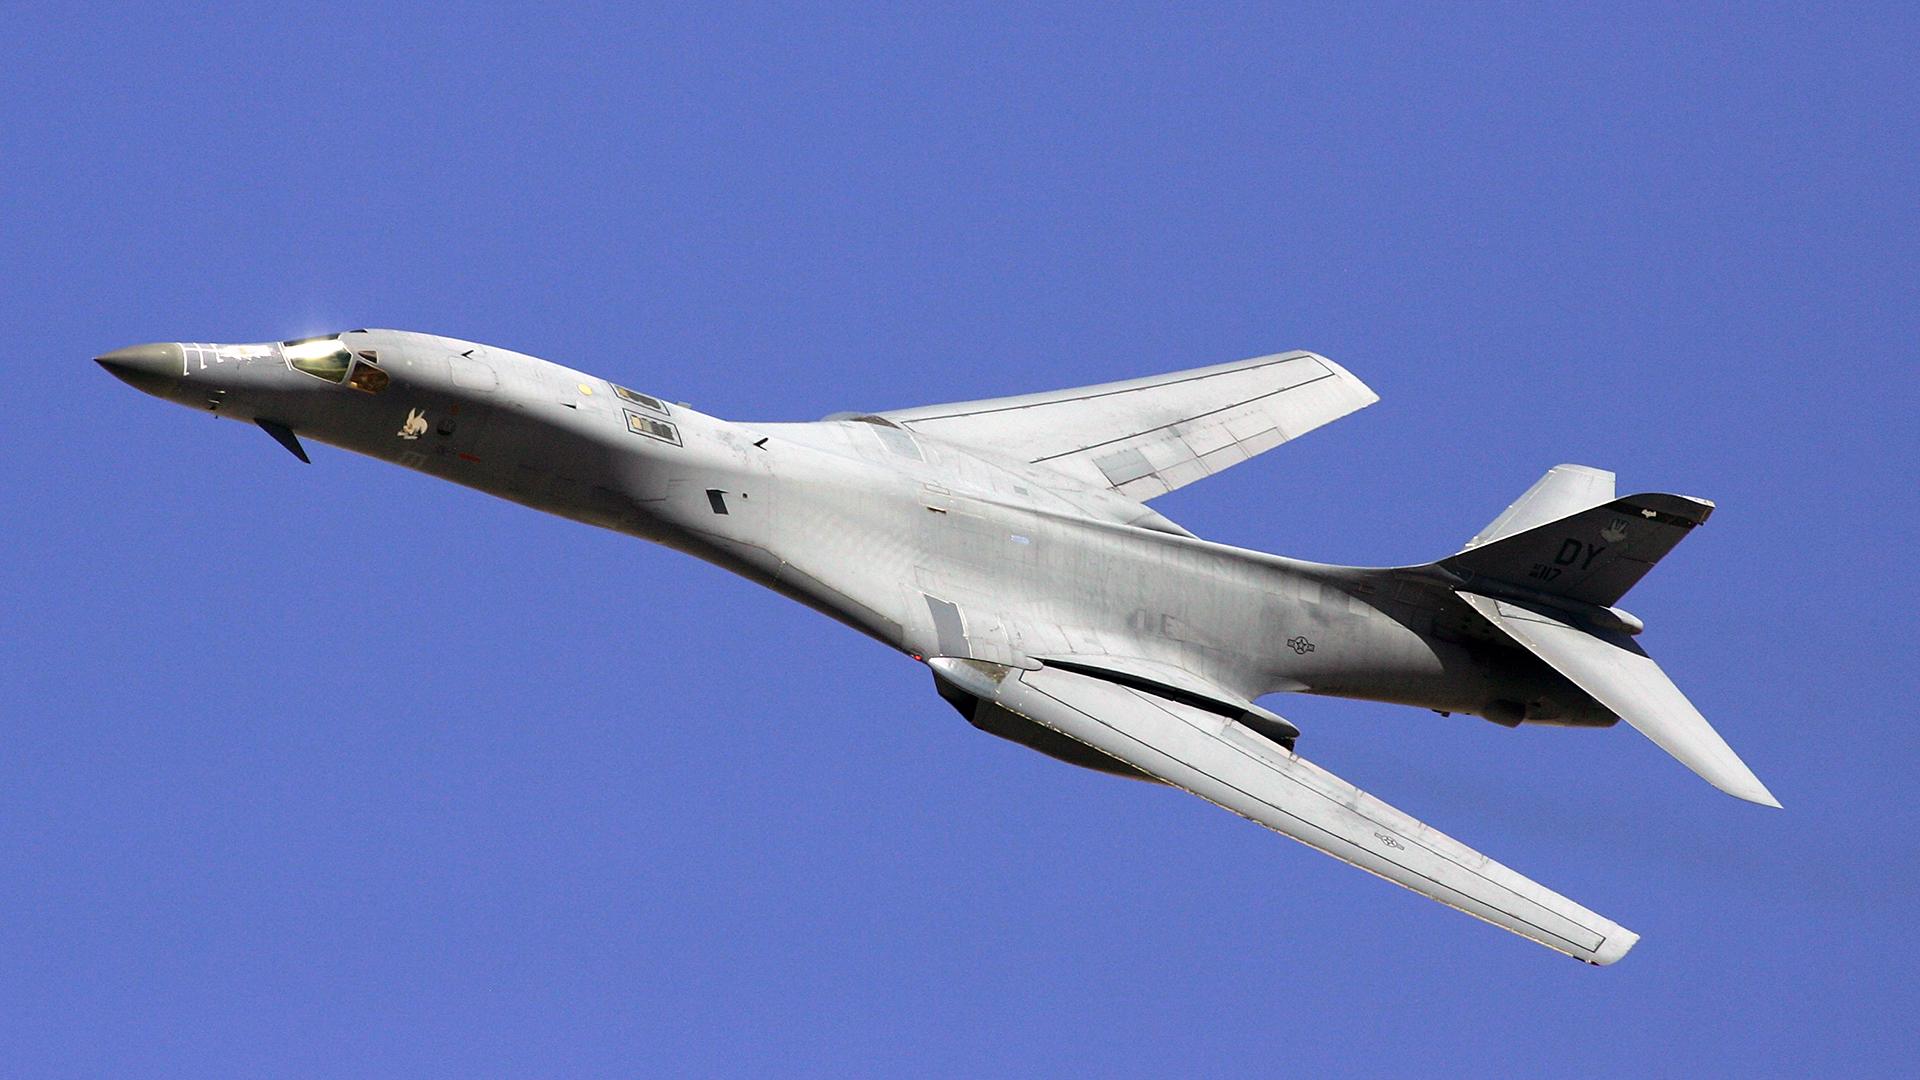 B-1 Lancer Bomber flying-159532.jpg61749549